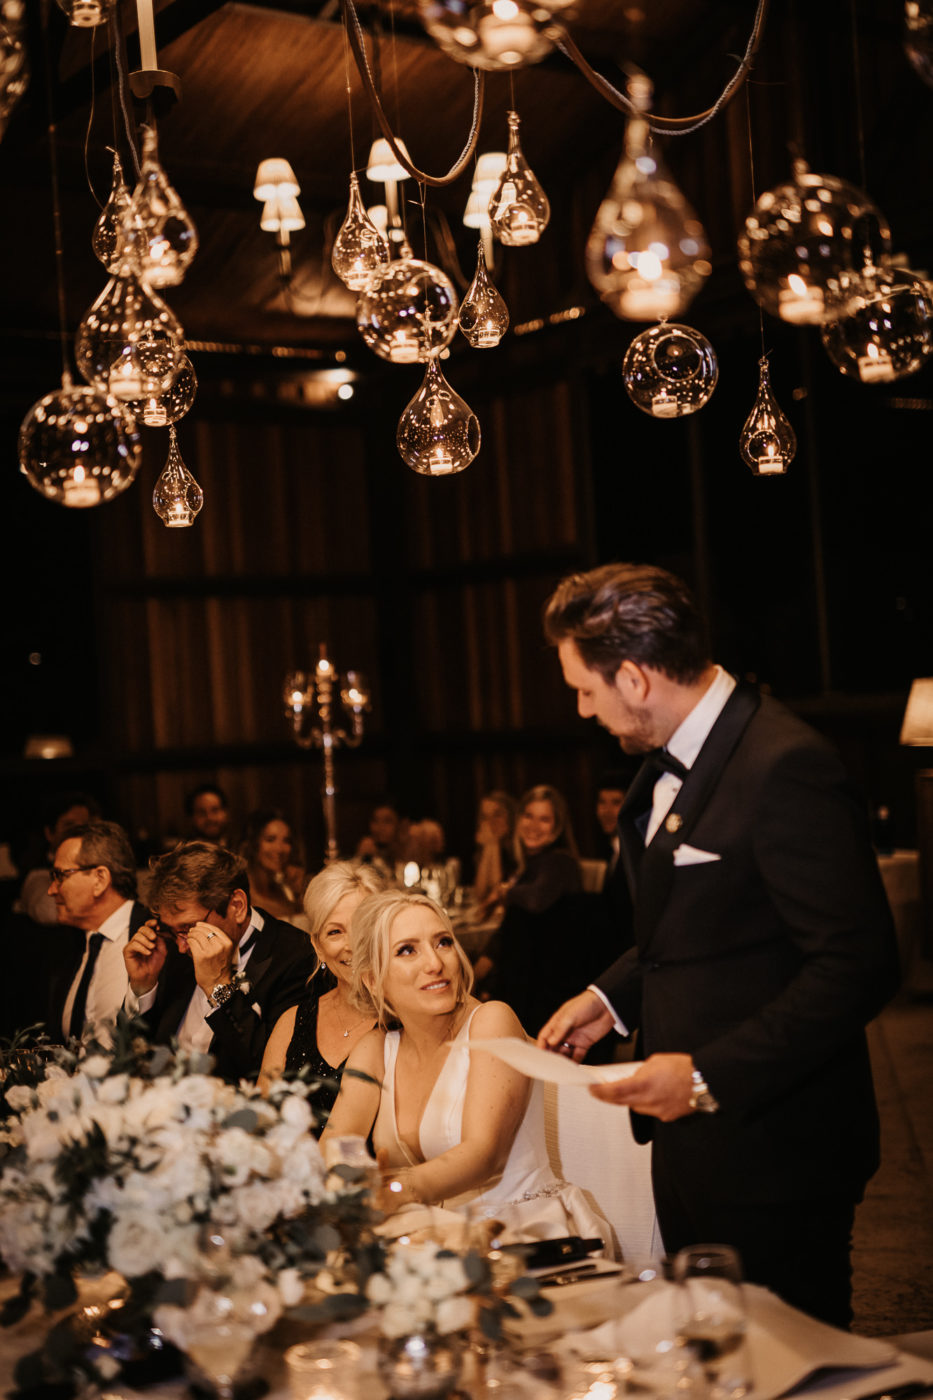 Der Bräutigam wendet sich während seiner Tischrede der Braut zu